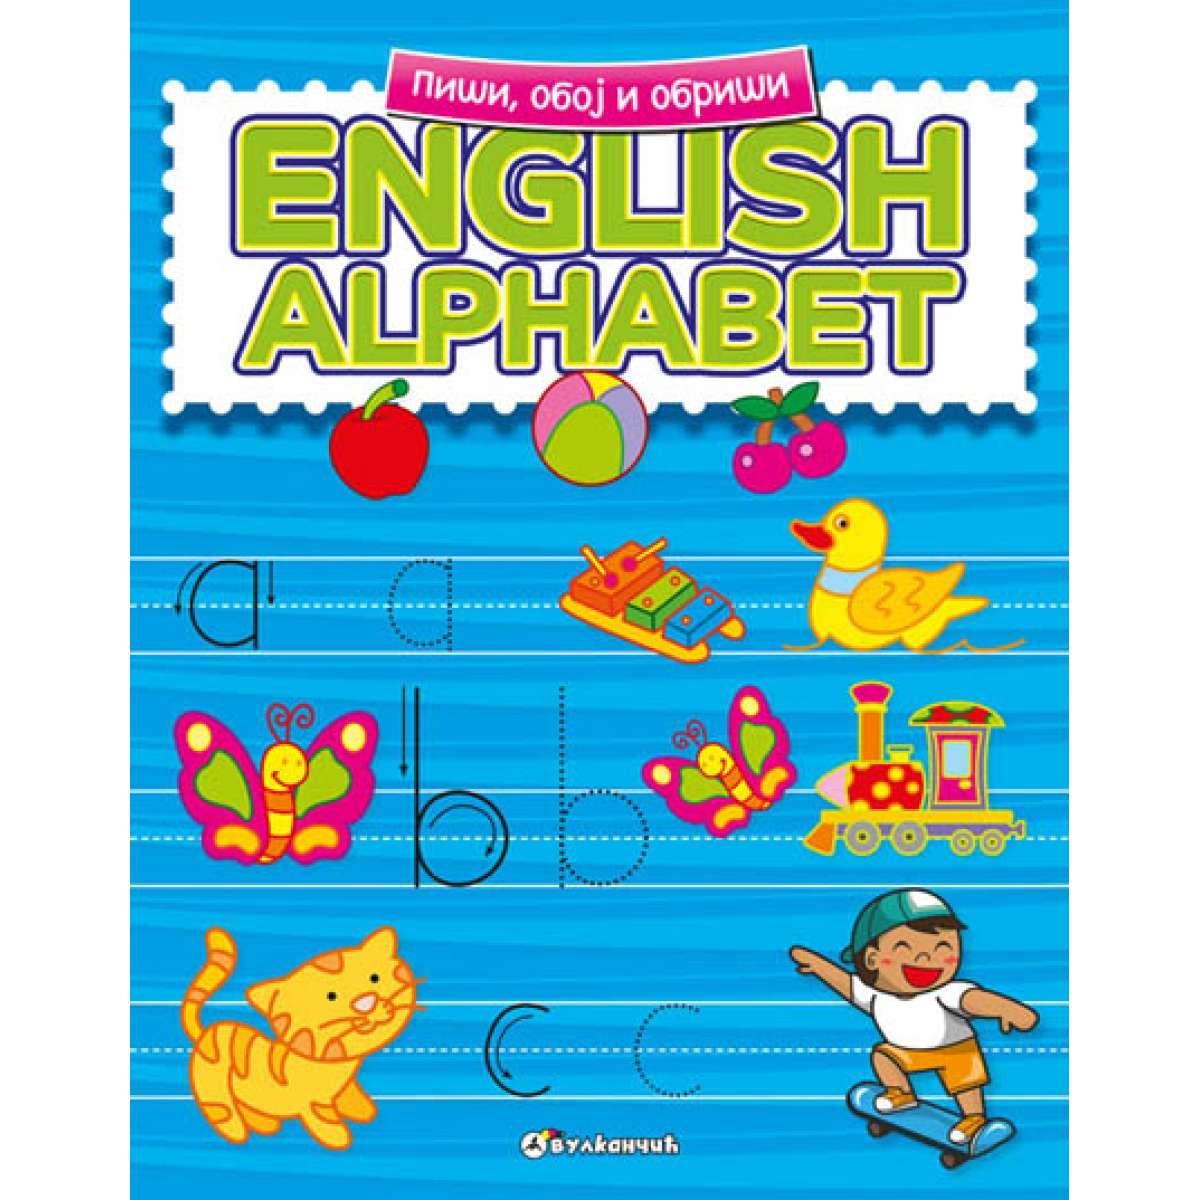 PIŠI, OBOJ I OBRIŠI: ENGLISH ALPHABET